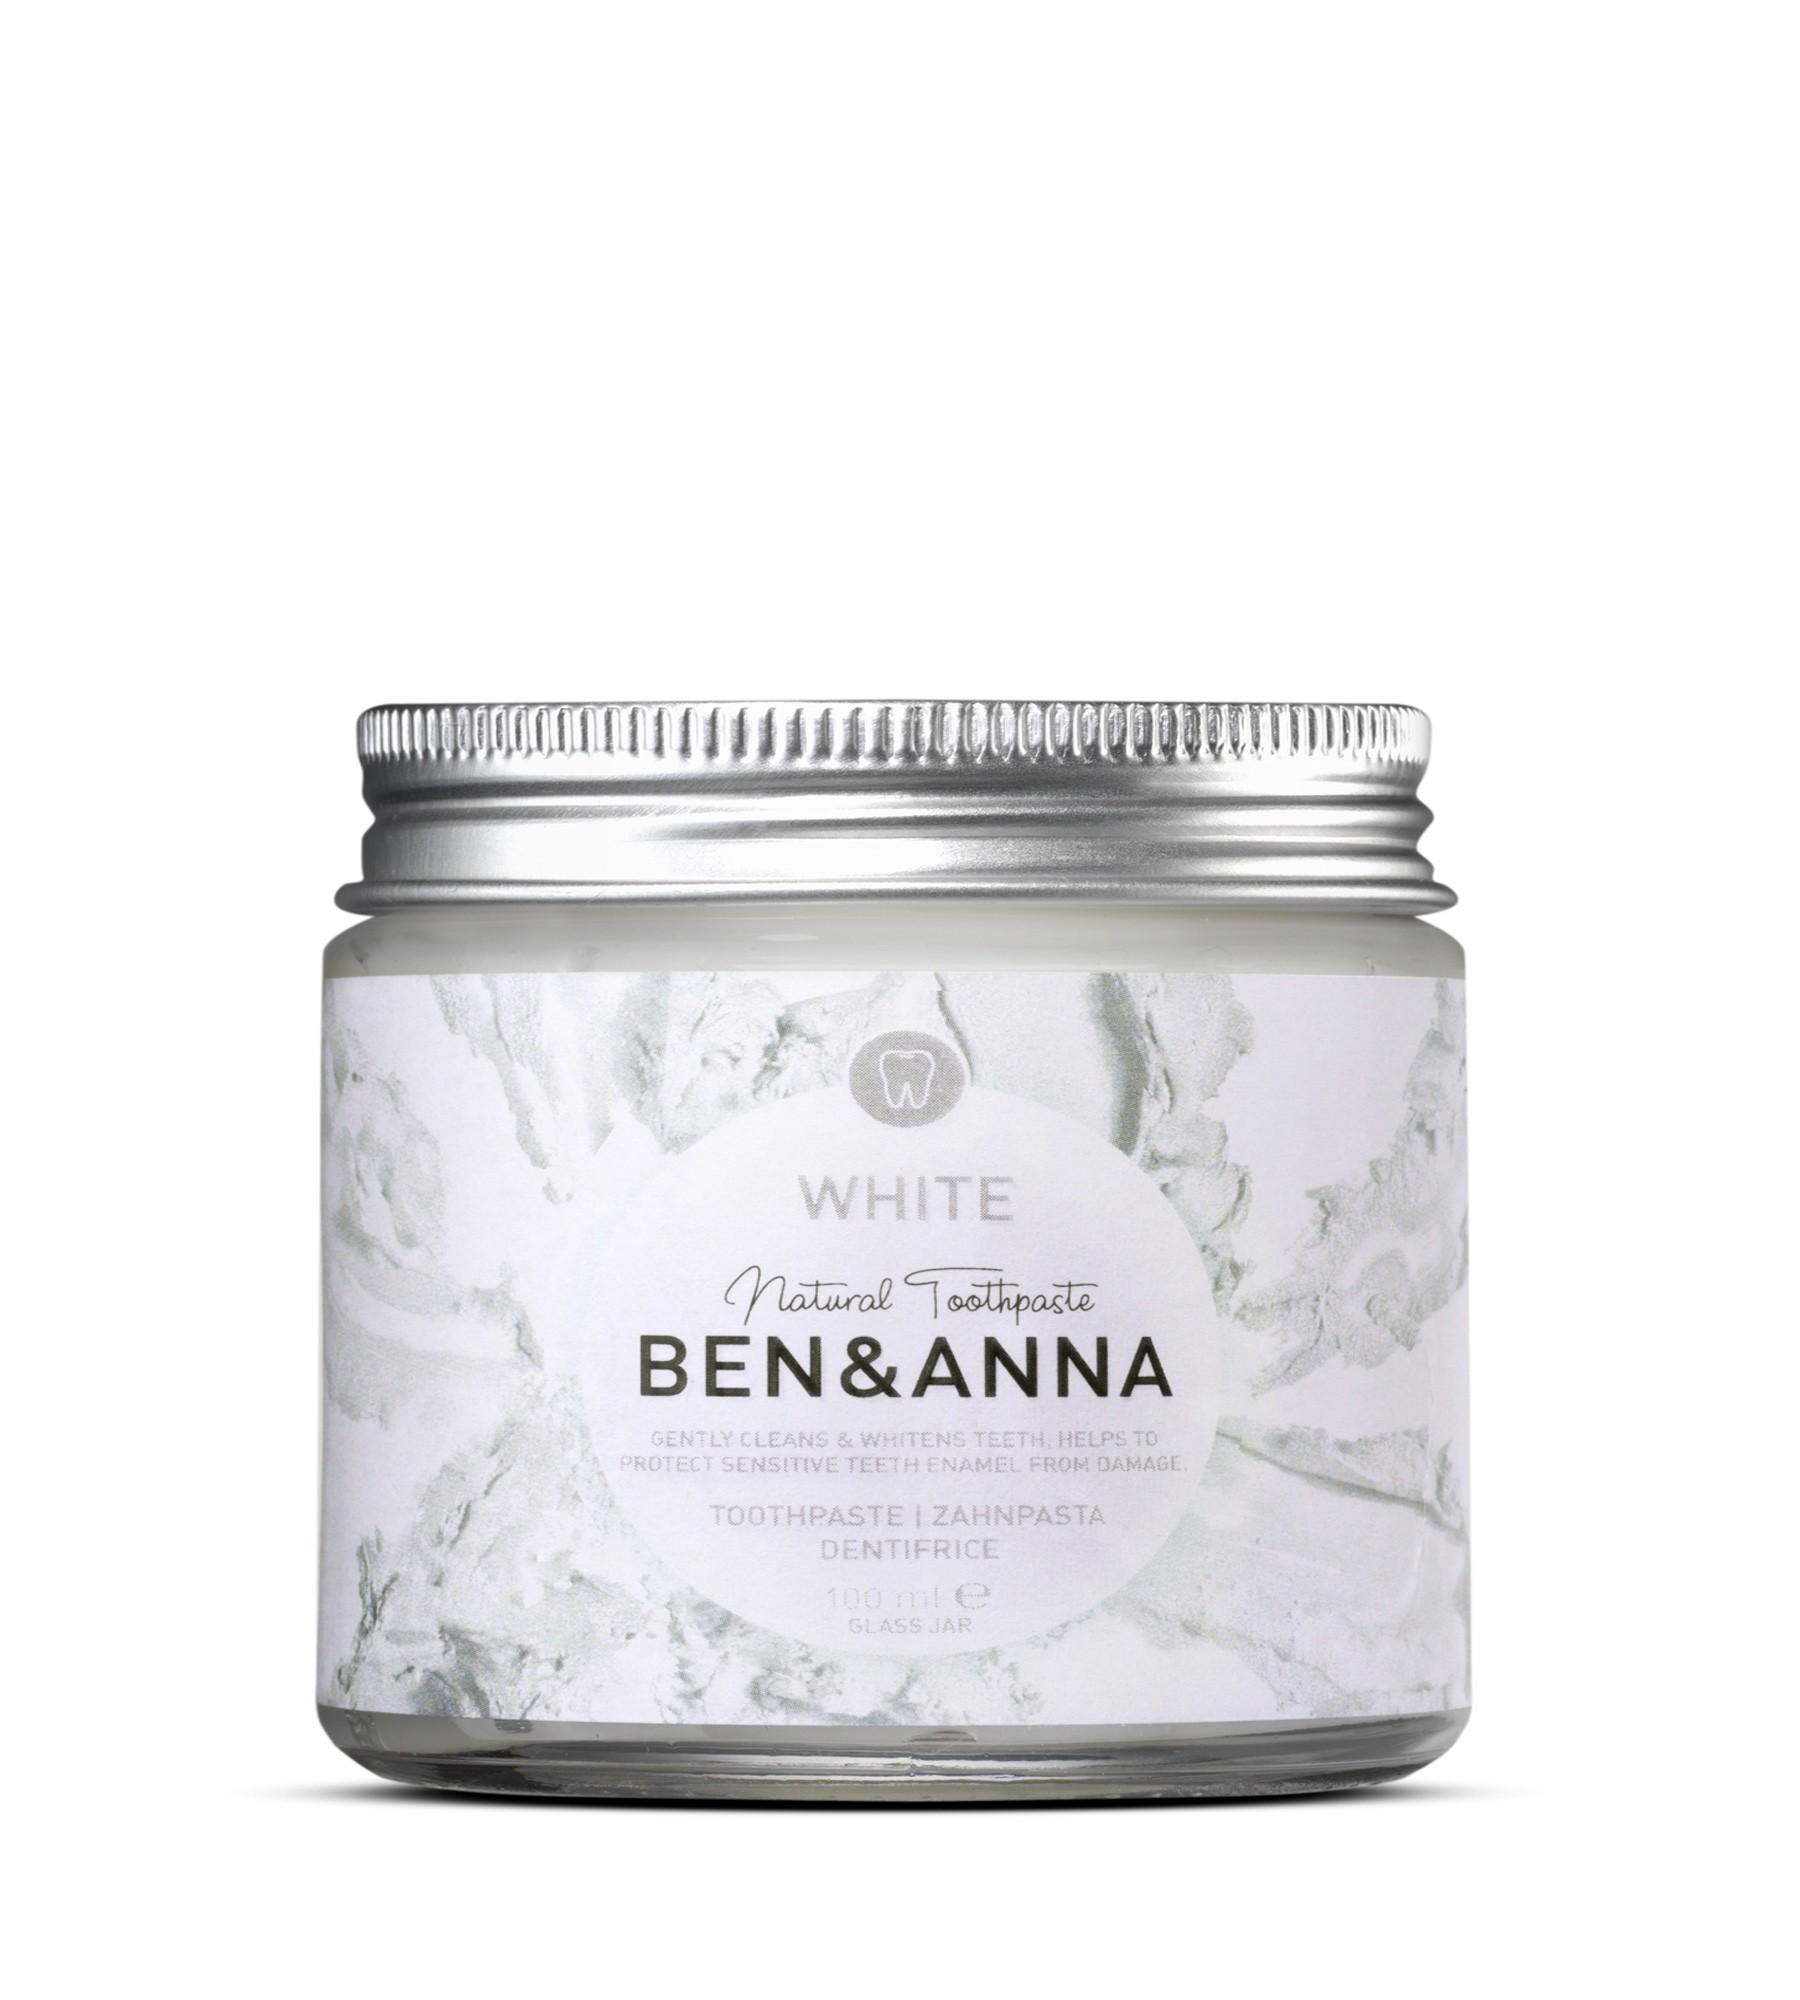 Ben & Anna Toothpaste White